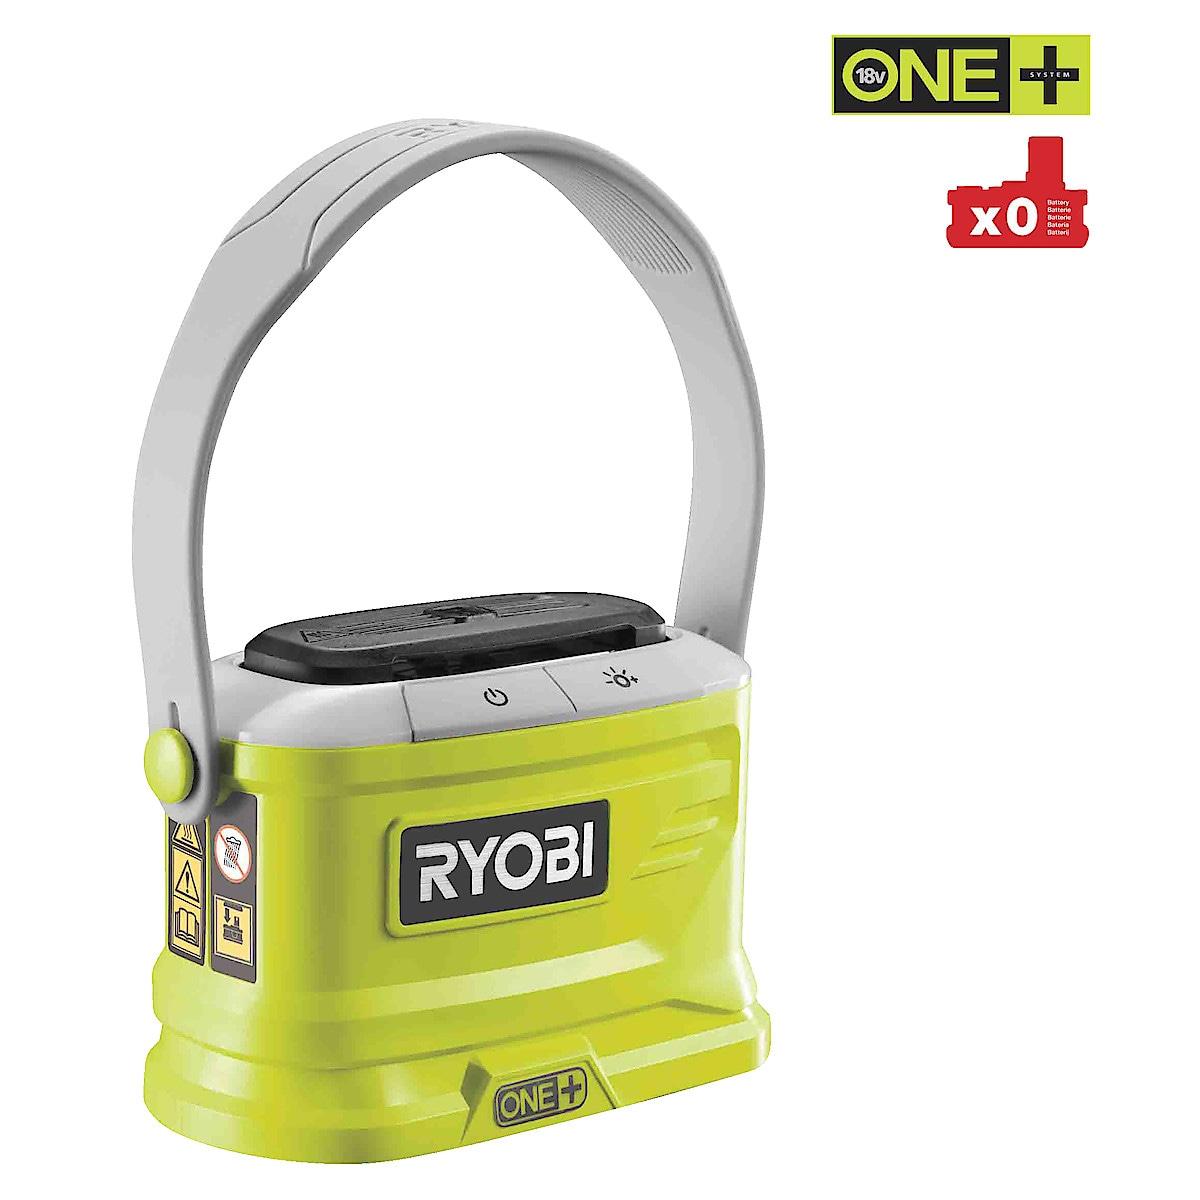 Ryobi OBR1800 myggjager, 18 V